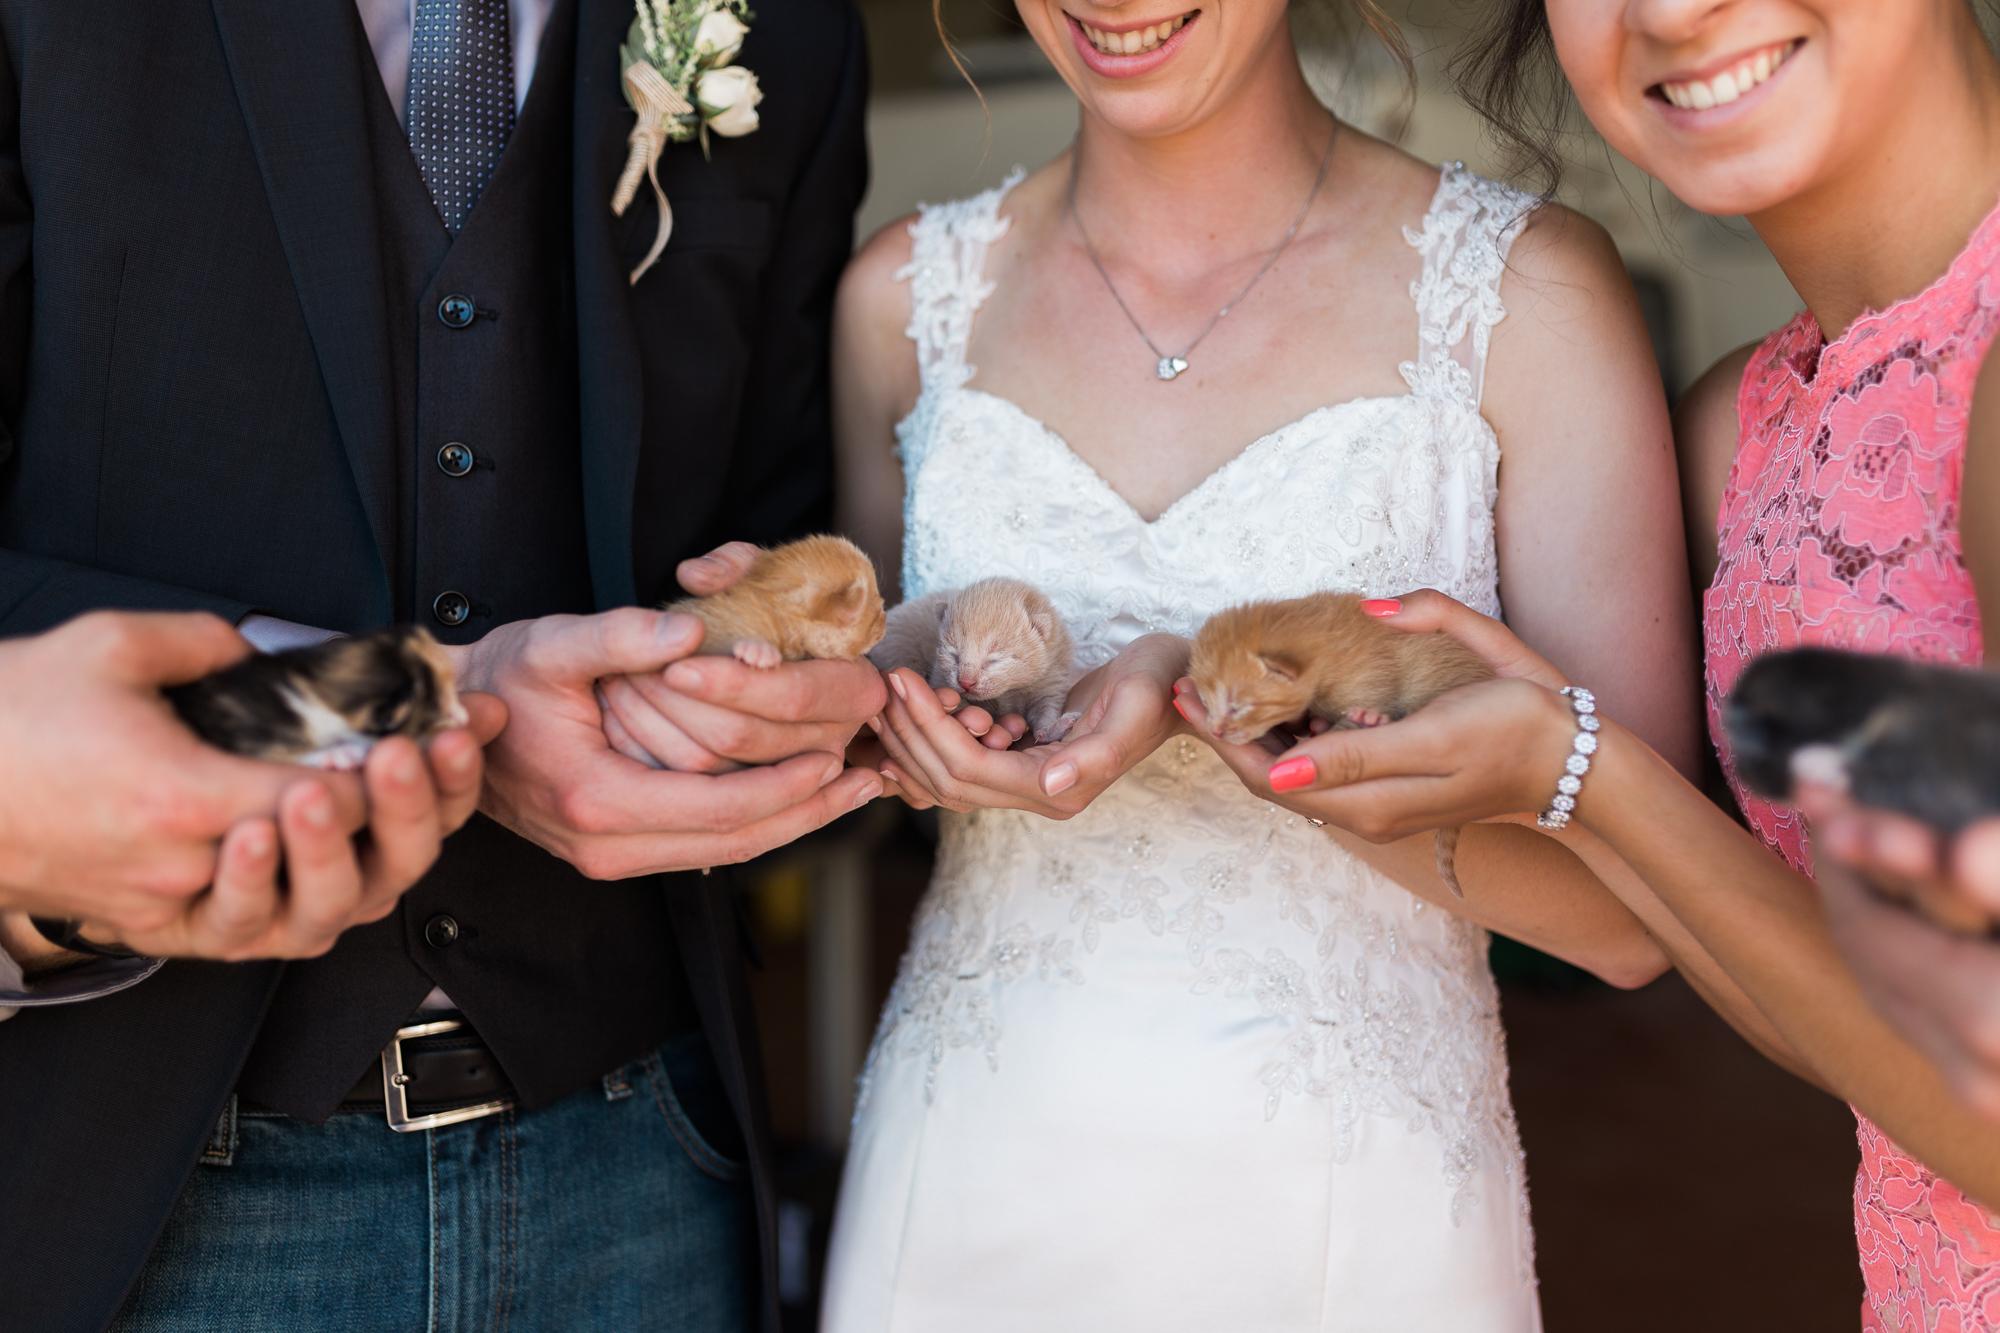 Deanna-Rachel-Photography-calgary-Wedding-photographer-jm-47.jpg